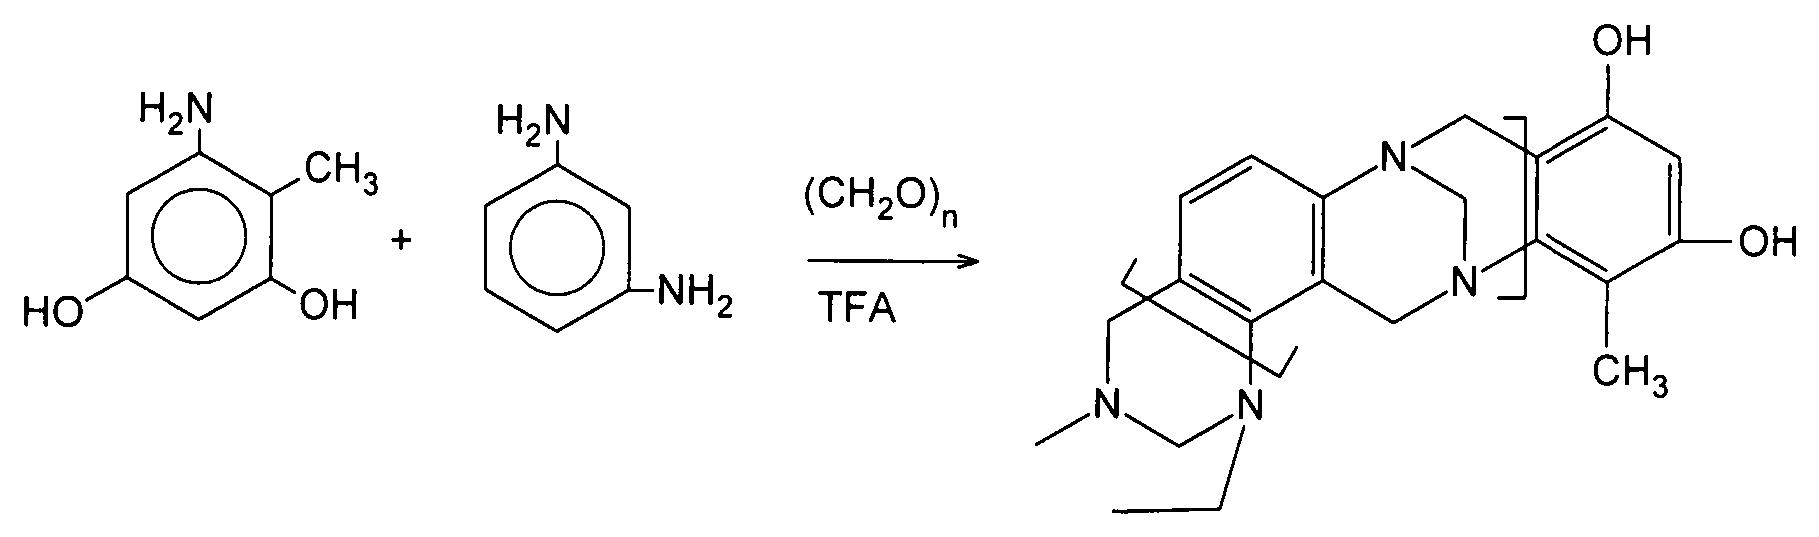 Figure DE112016005378T5_0048